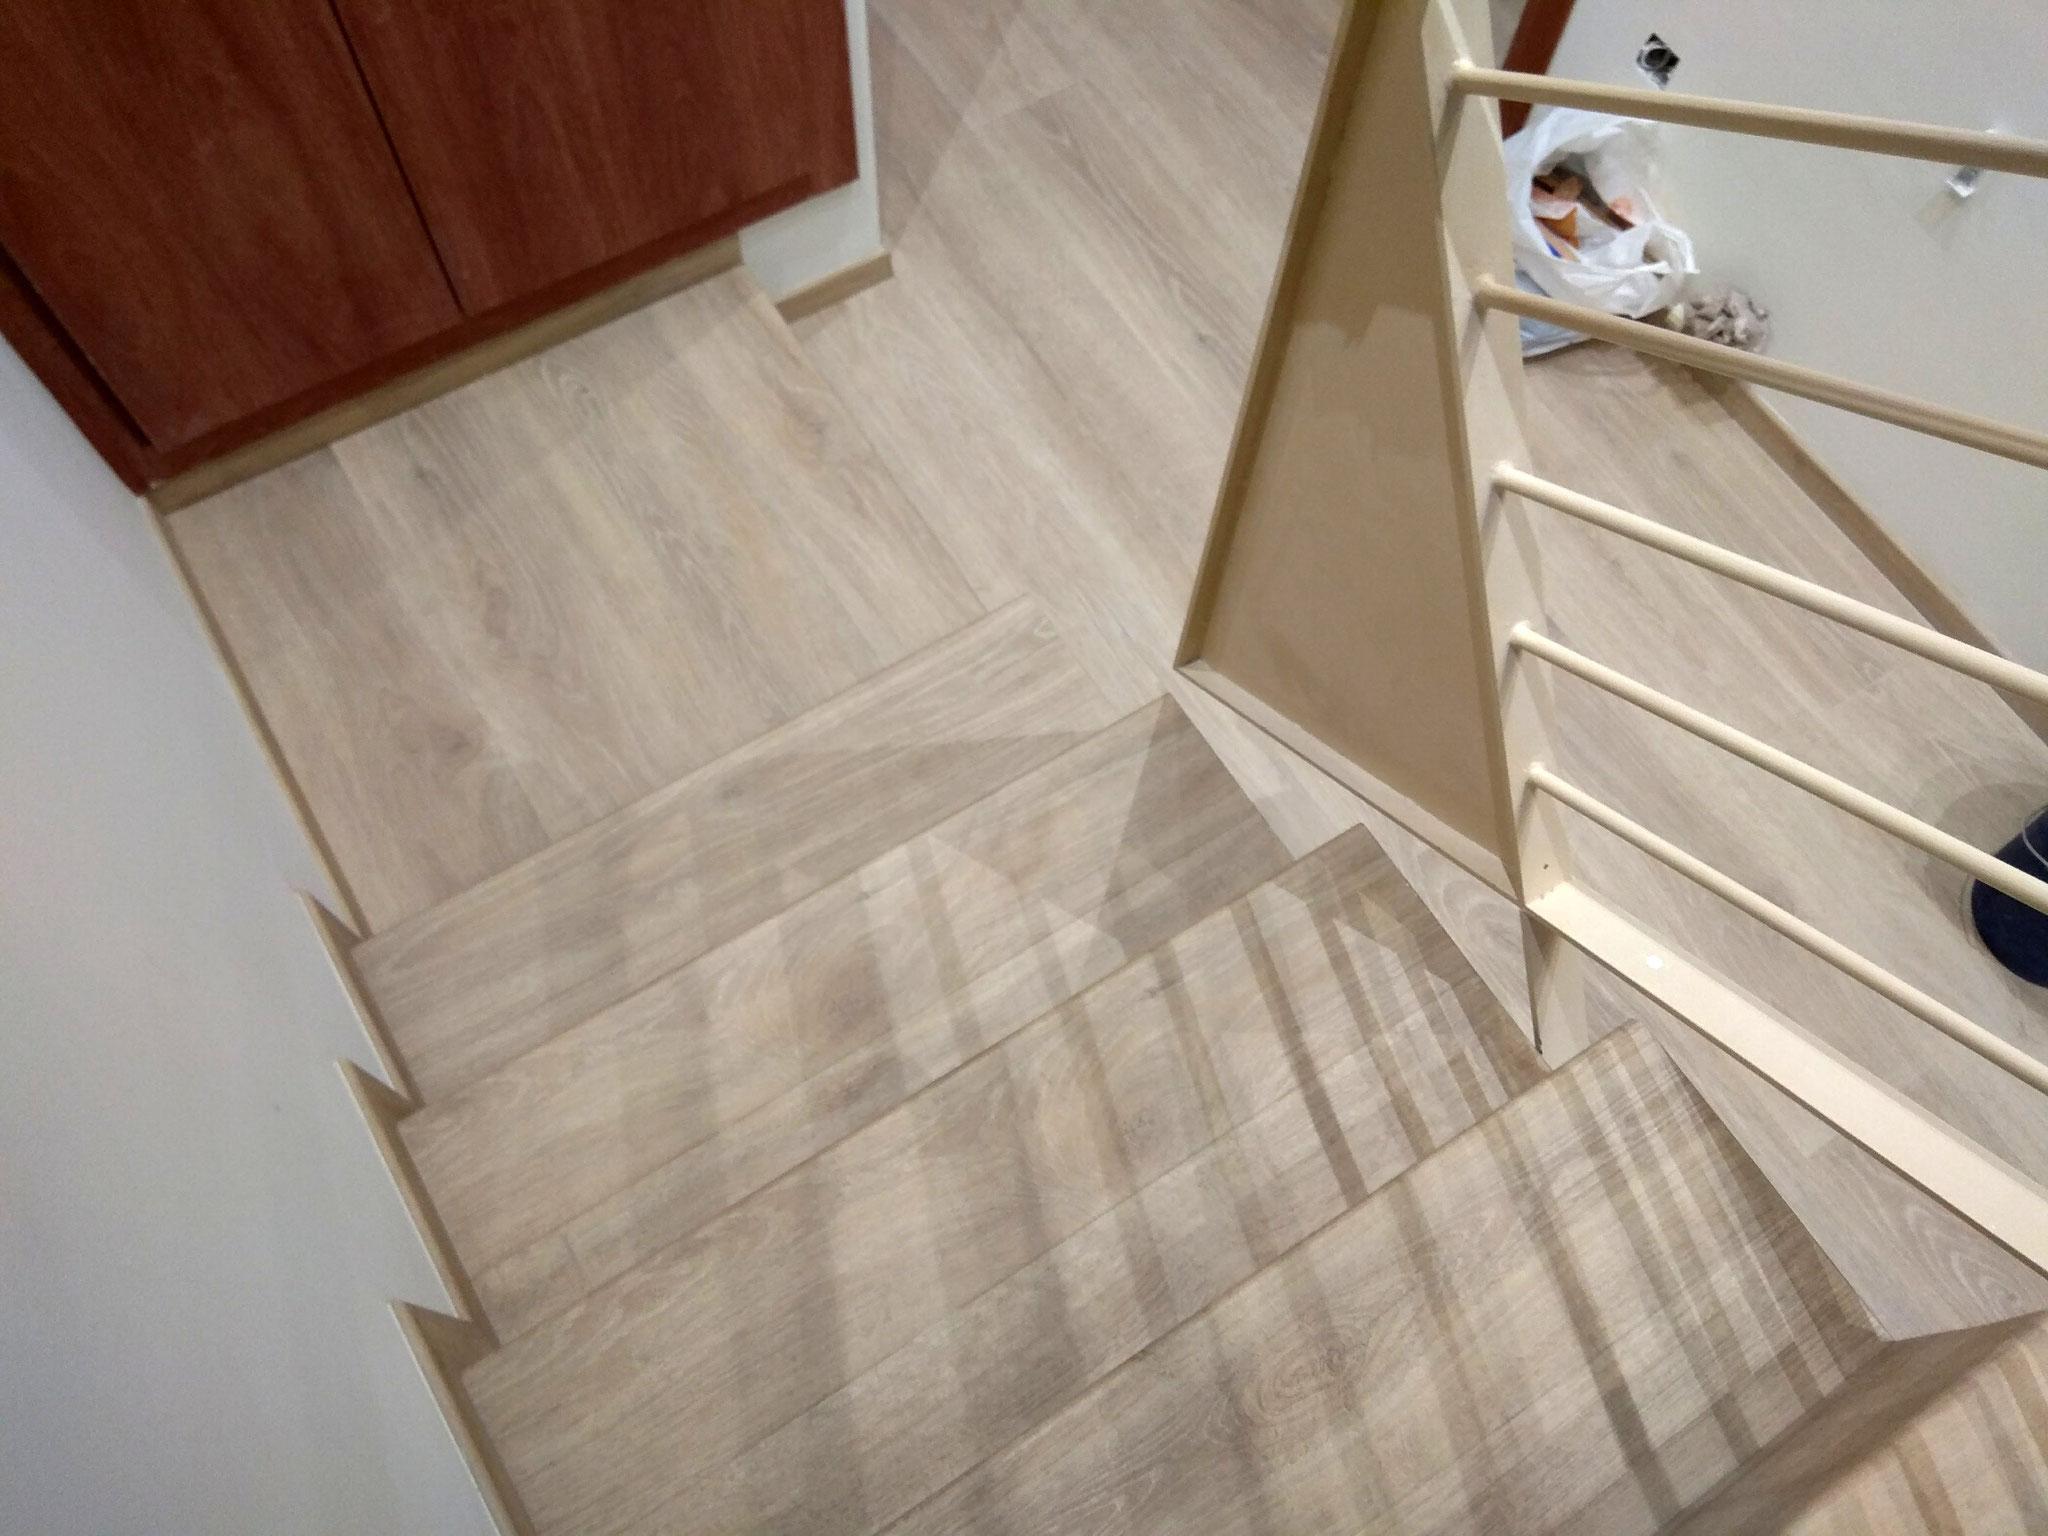 Escaleras detarima parquet for Escaleras de parquet